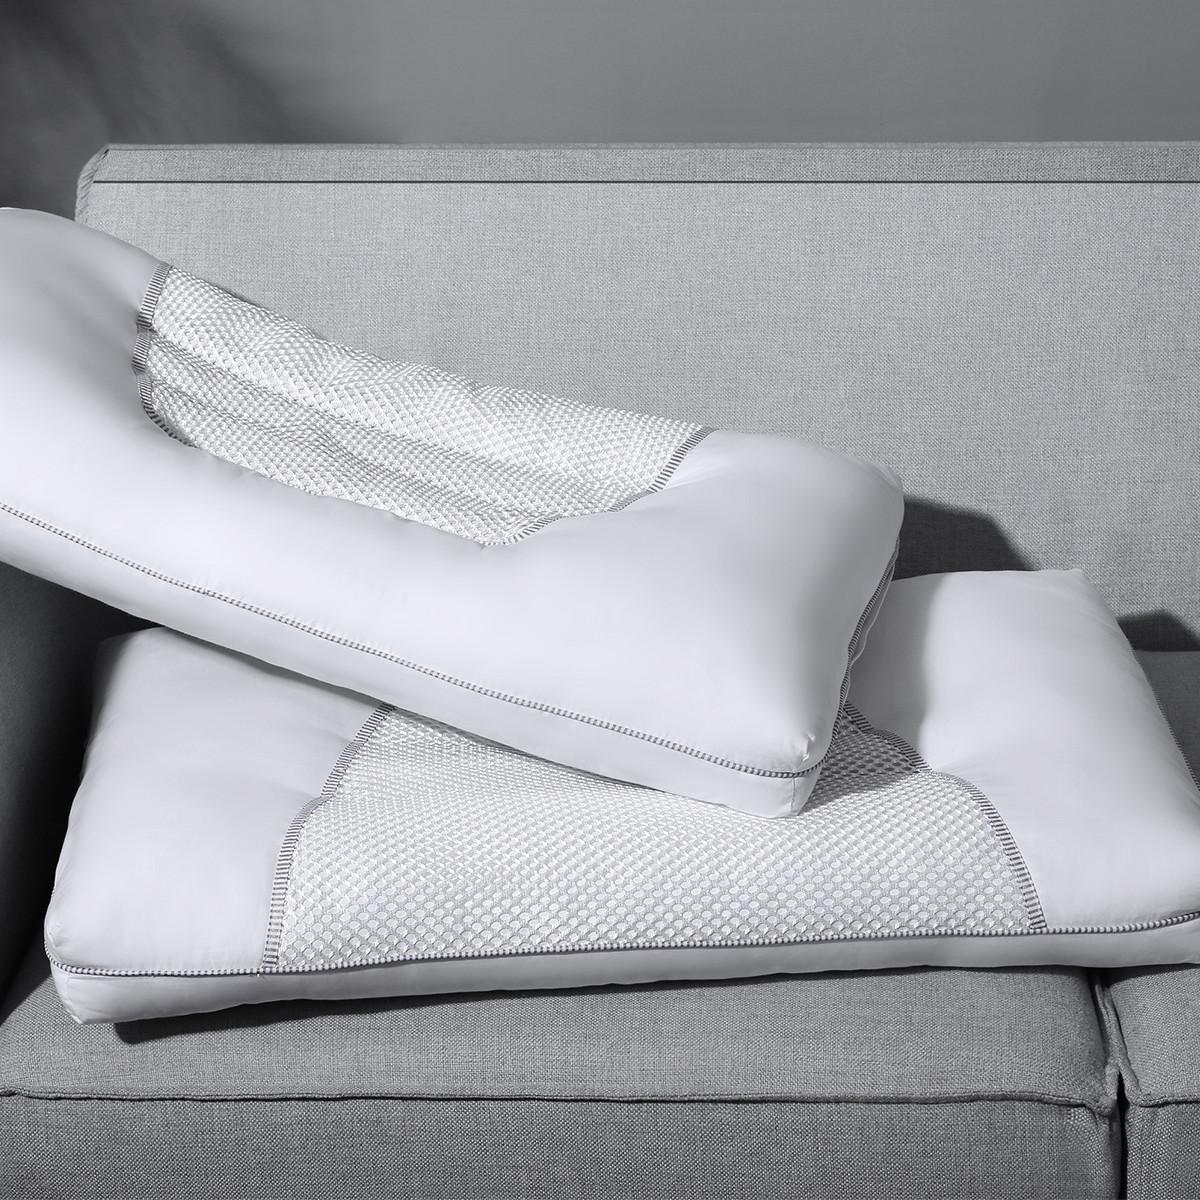 Ramada全棉羽丝绒决明子护颈椎枕芯枕头芯床上用品枕头芯枕芯枕头COLOR白色